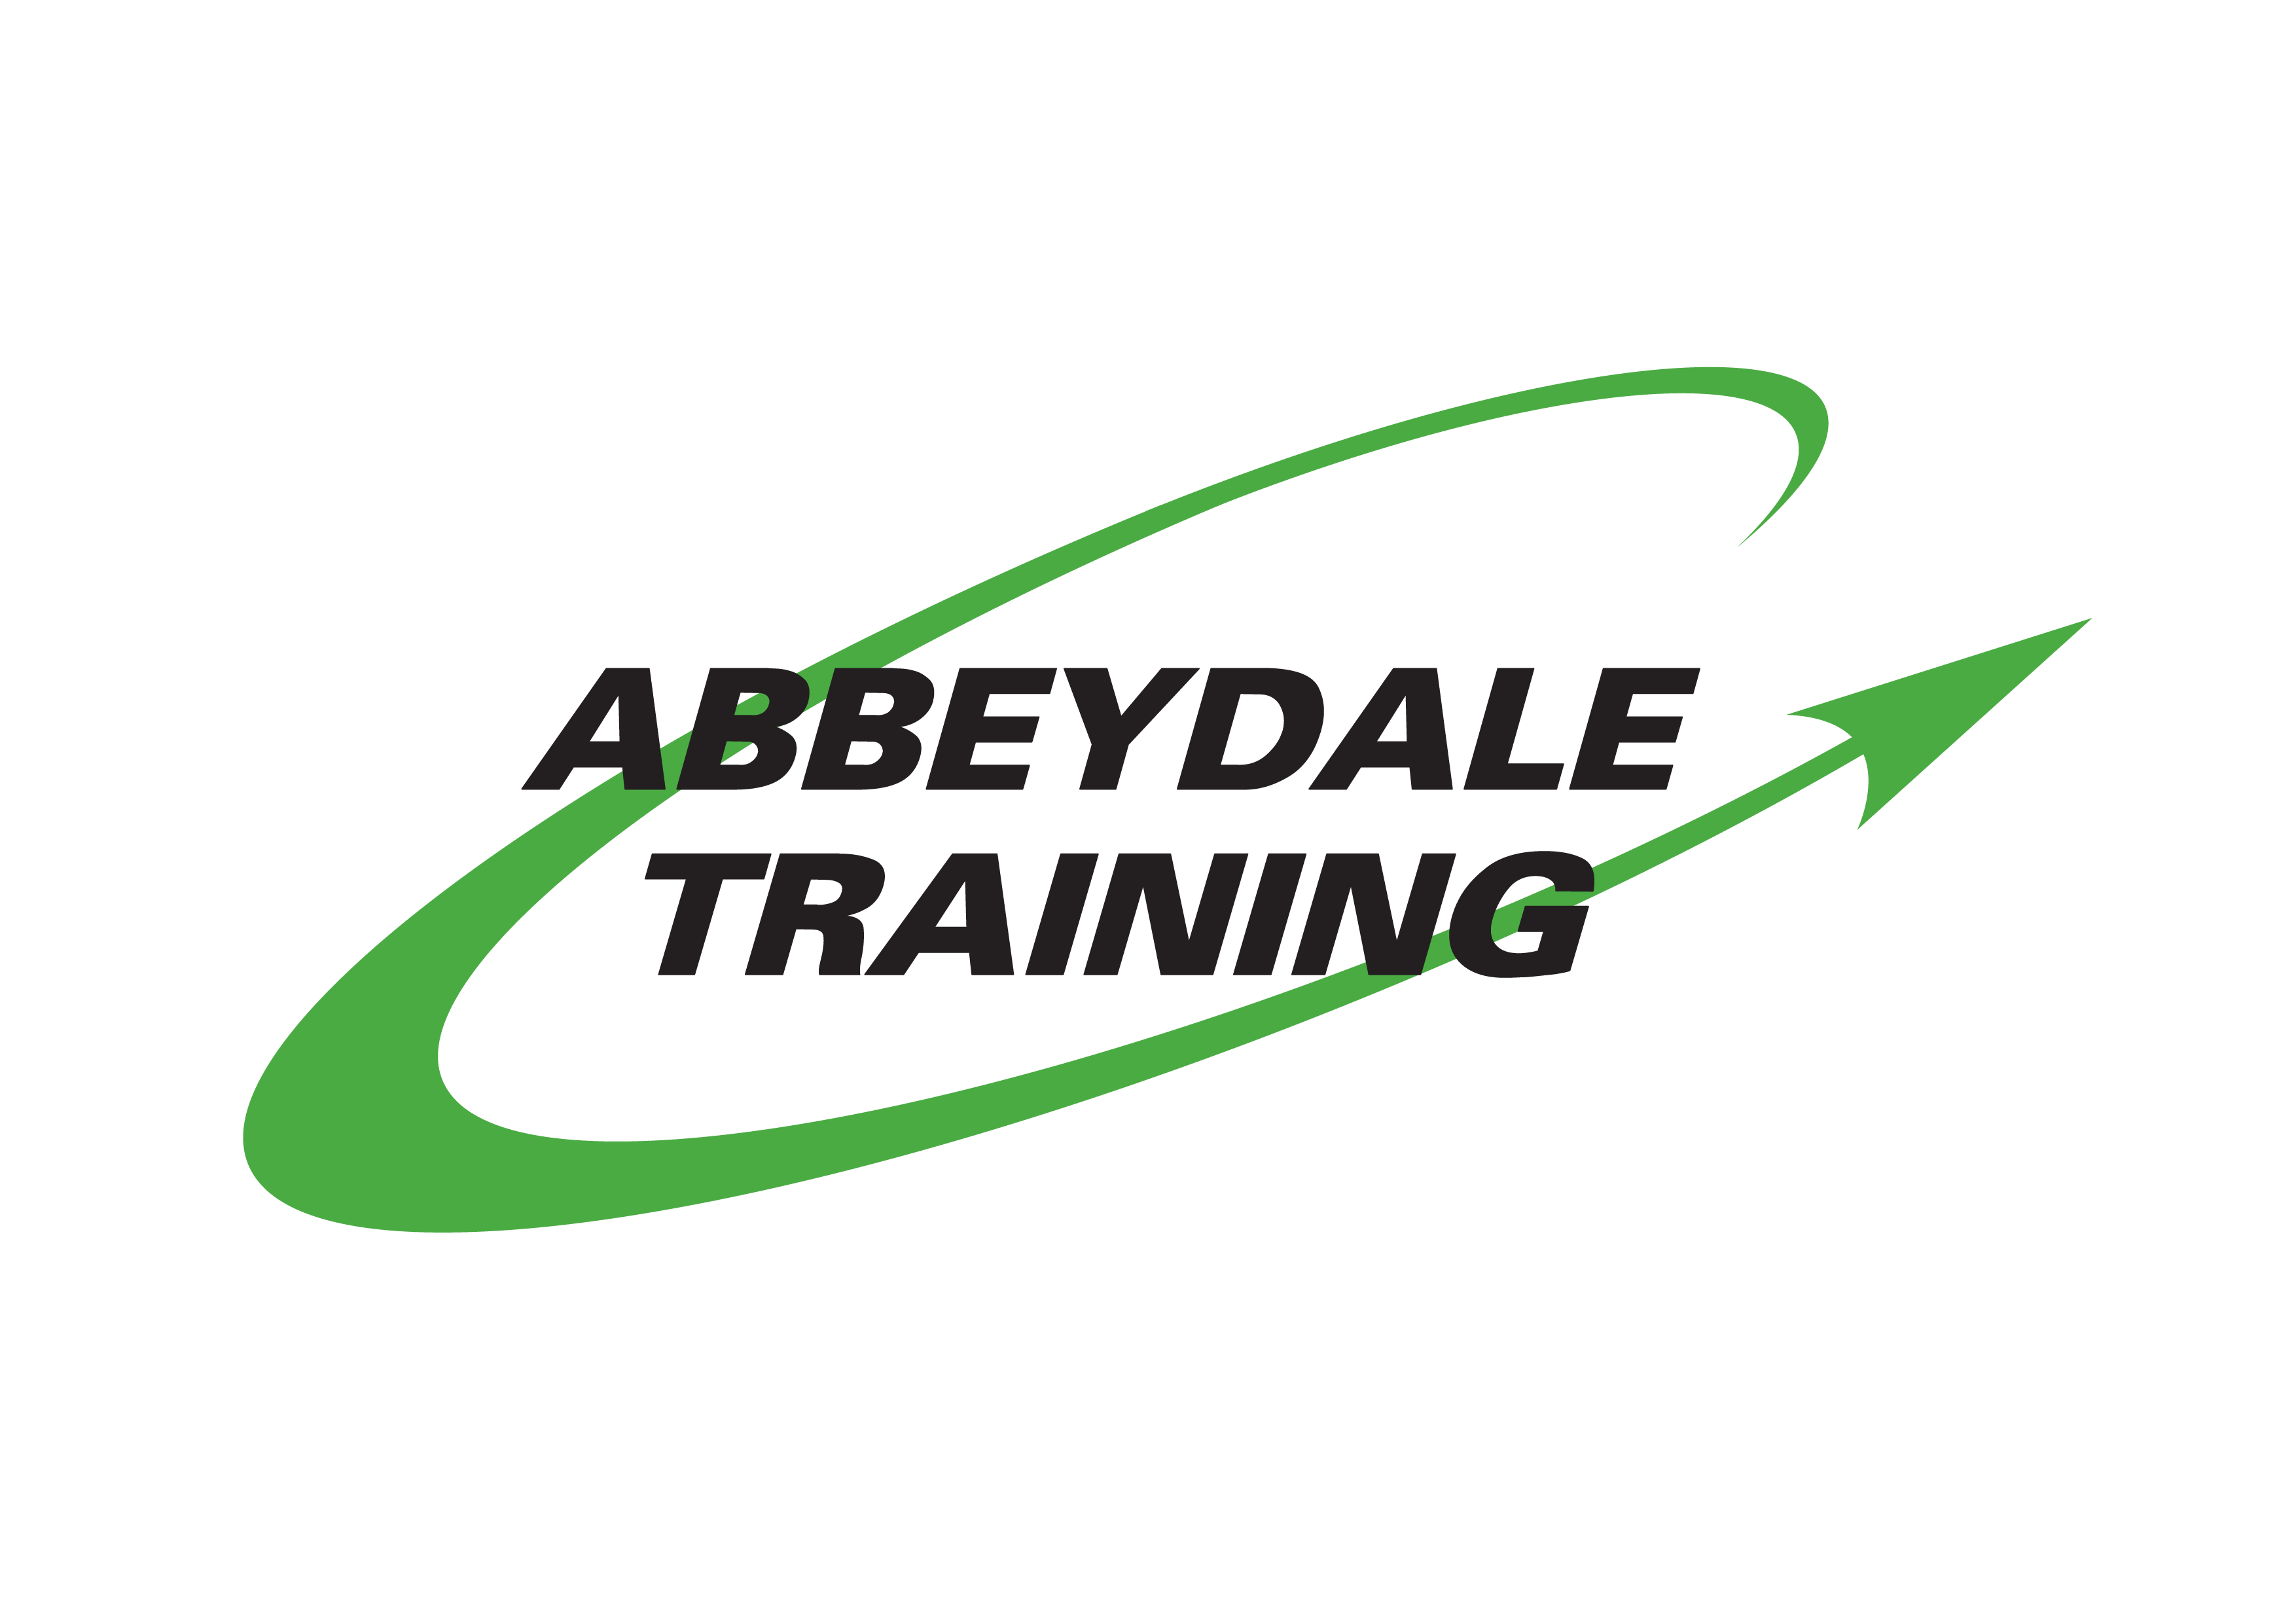 UK based training provider